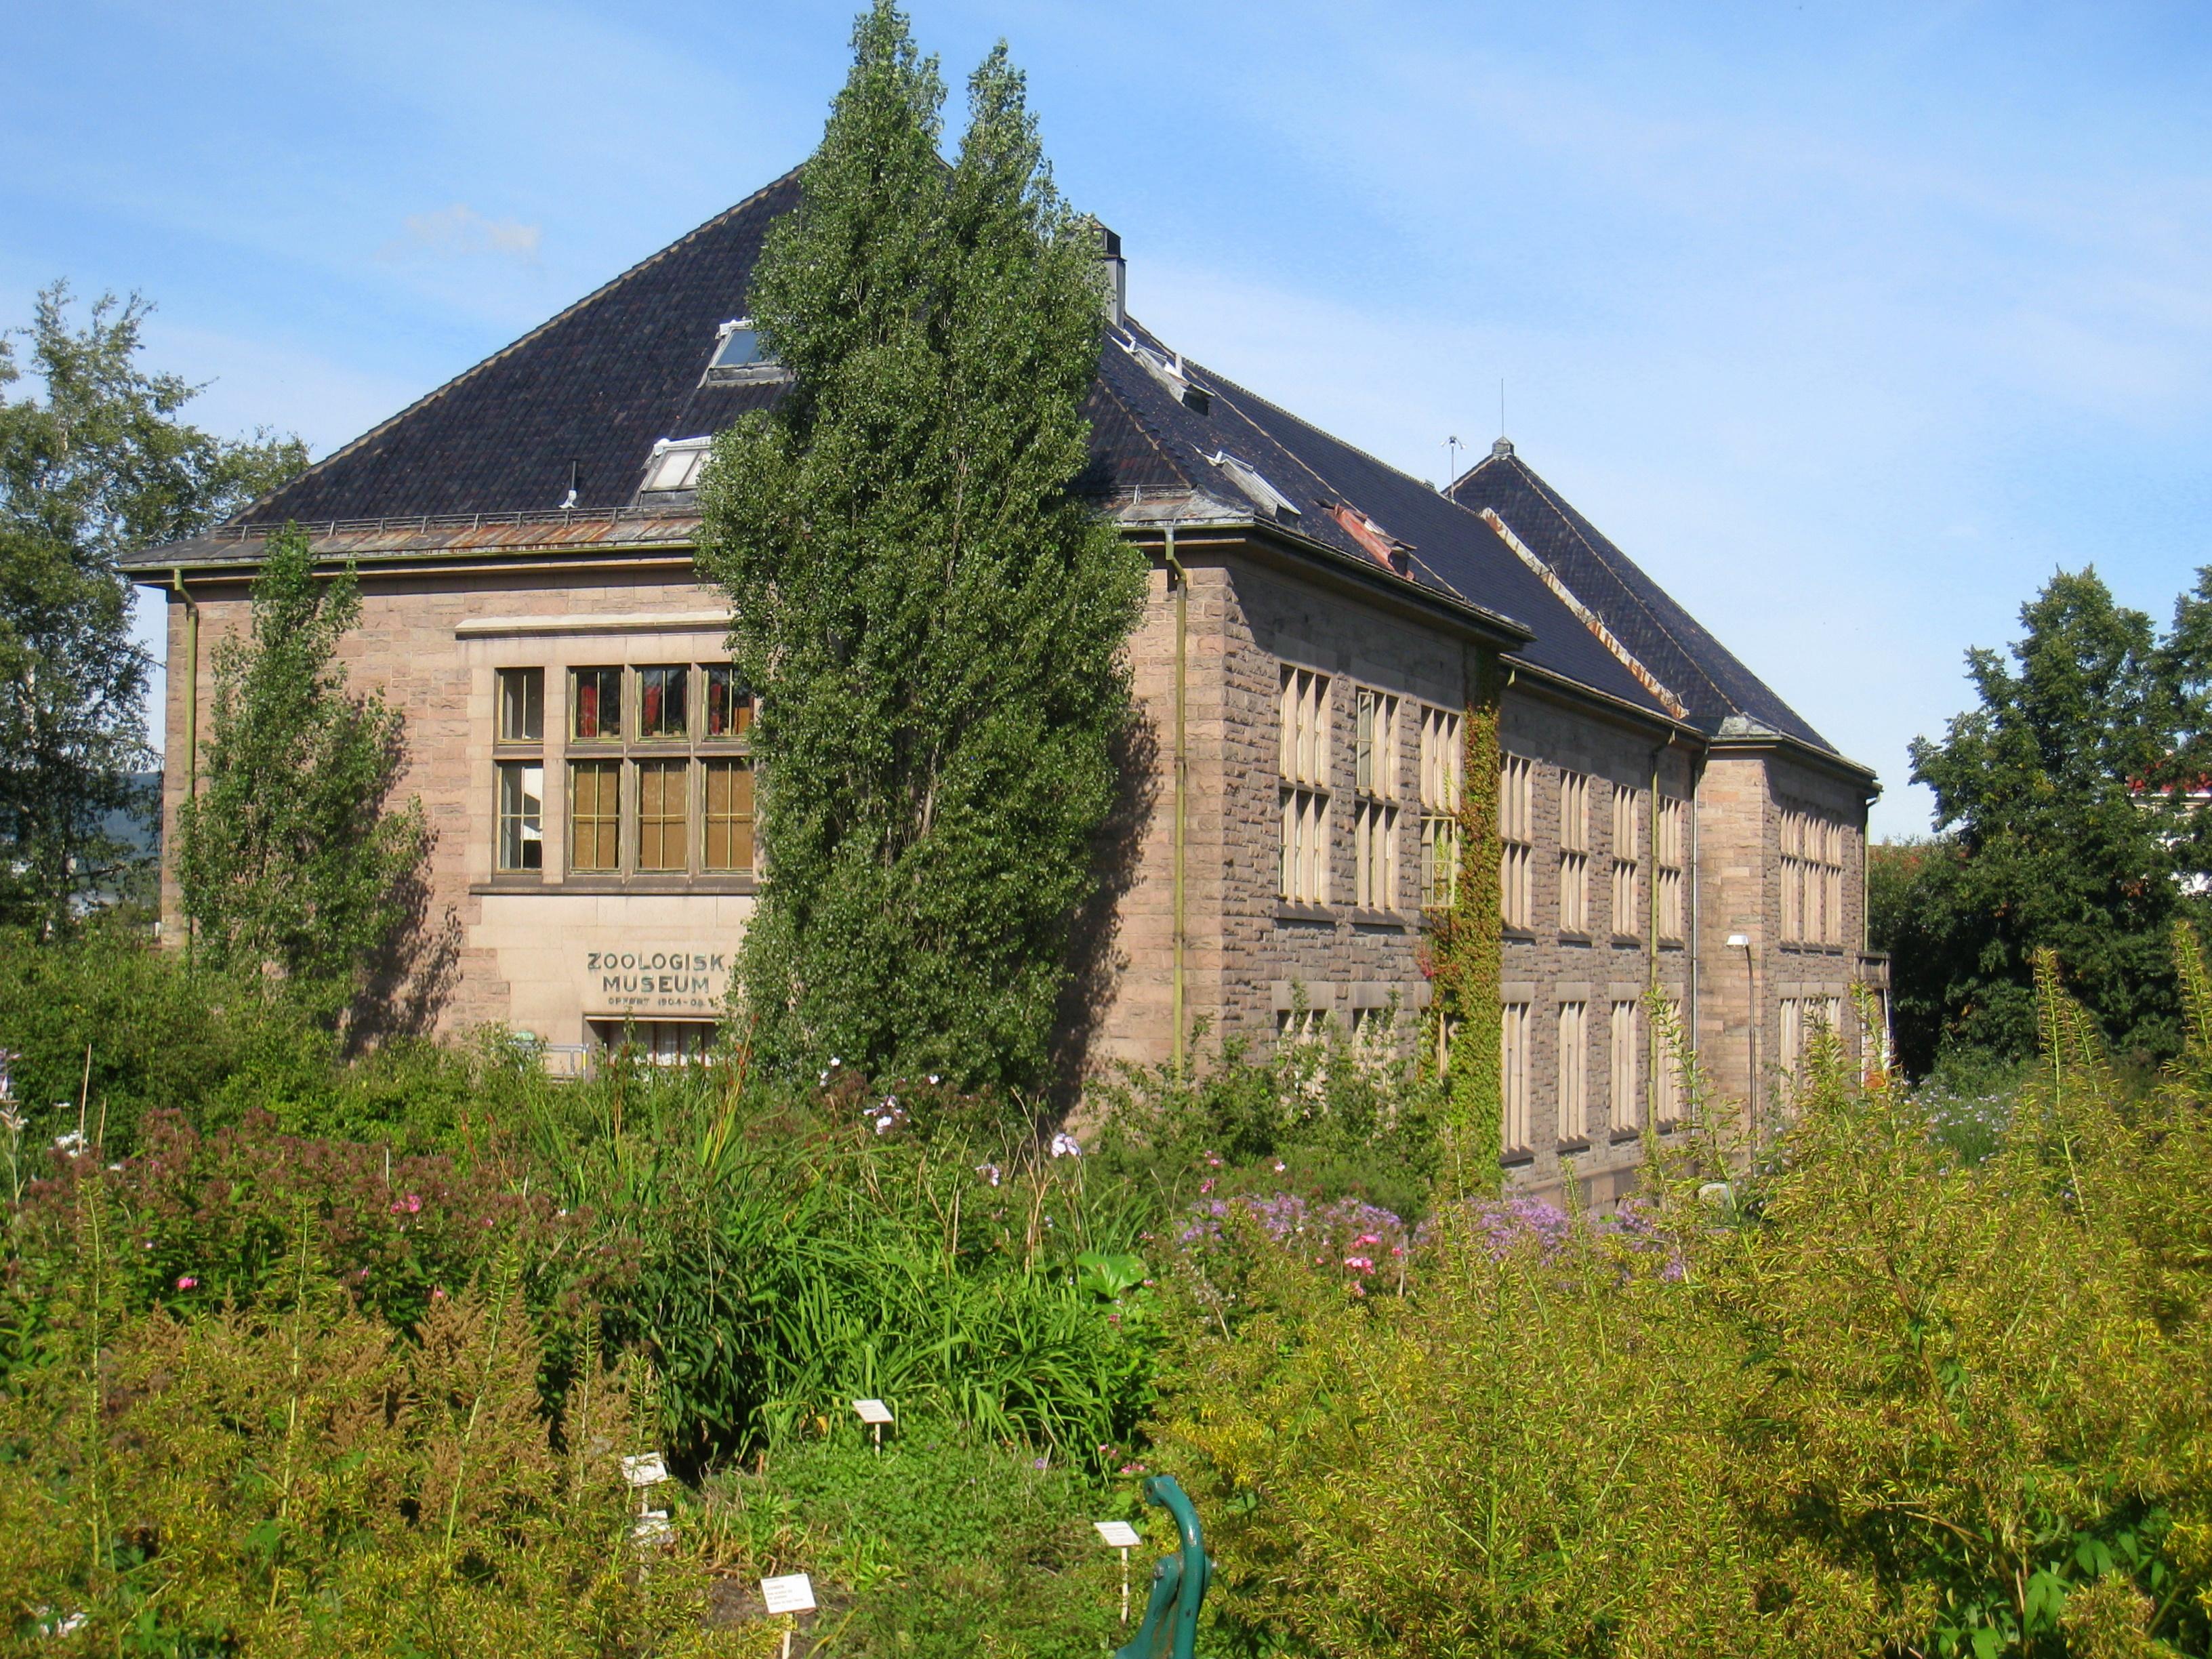 Zoologiske Museum Oslo